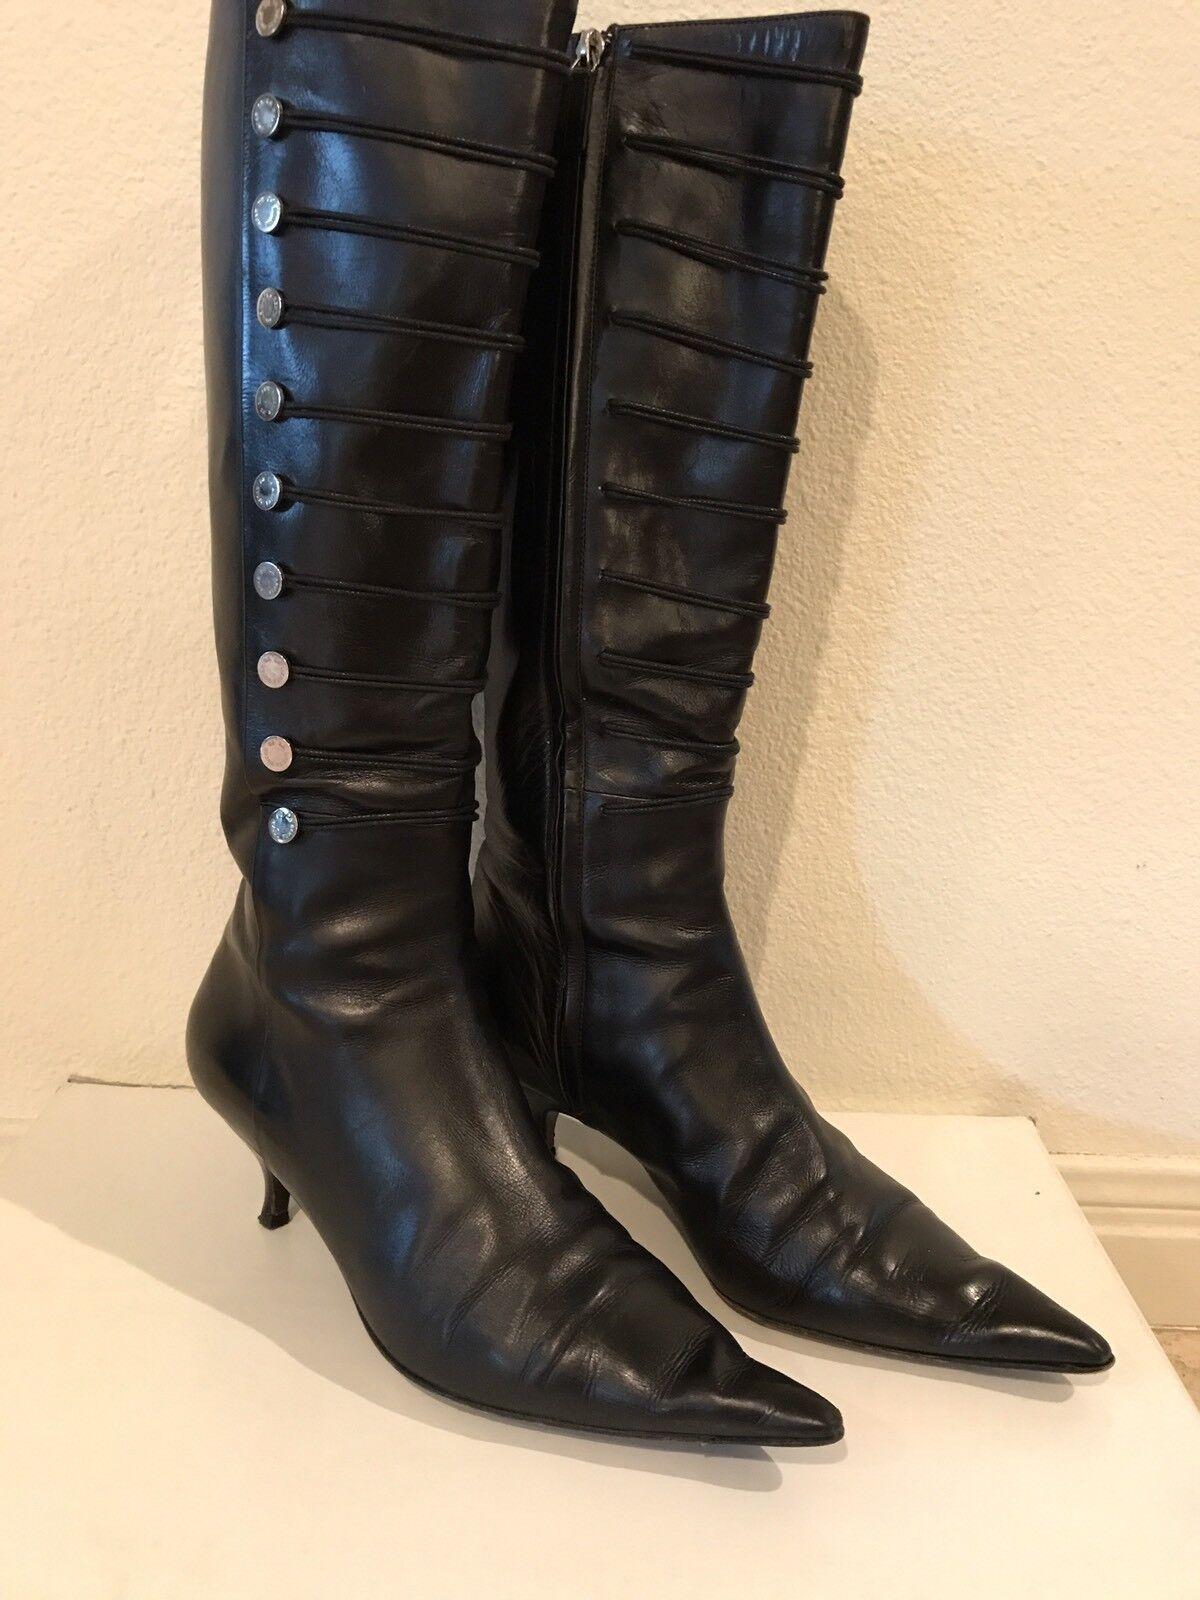 Oscae de la renta de Cuero Negro botas Hasta La Rodilla EE. UU. 9.5